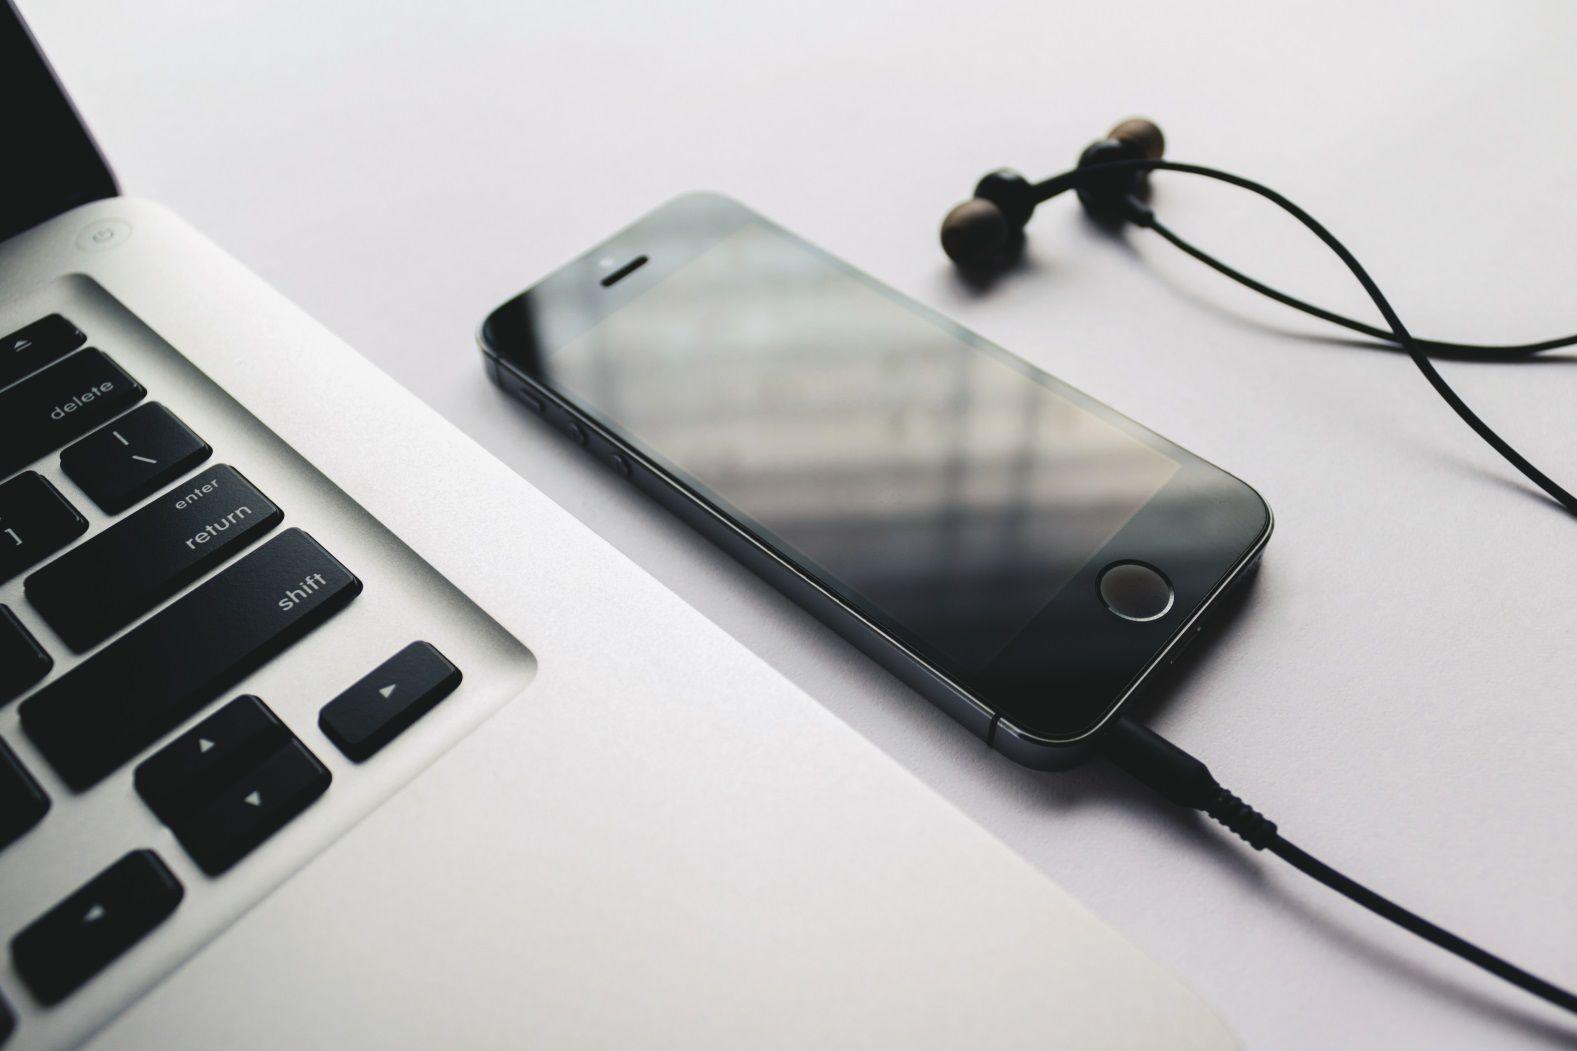 телефон, ноутбук, наушники, слушать